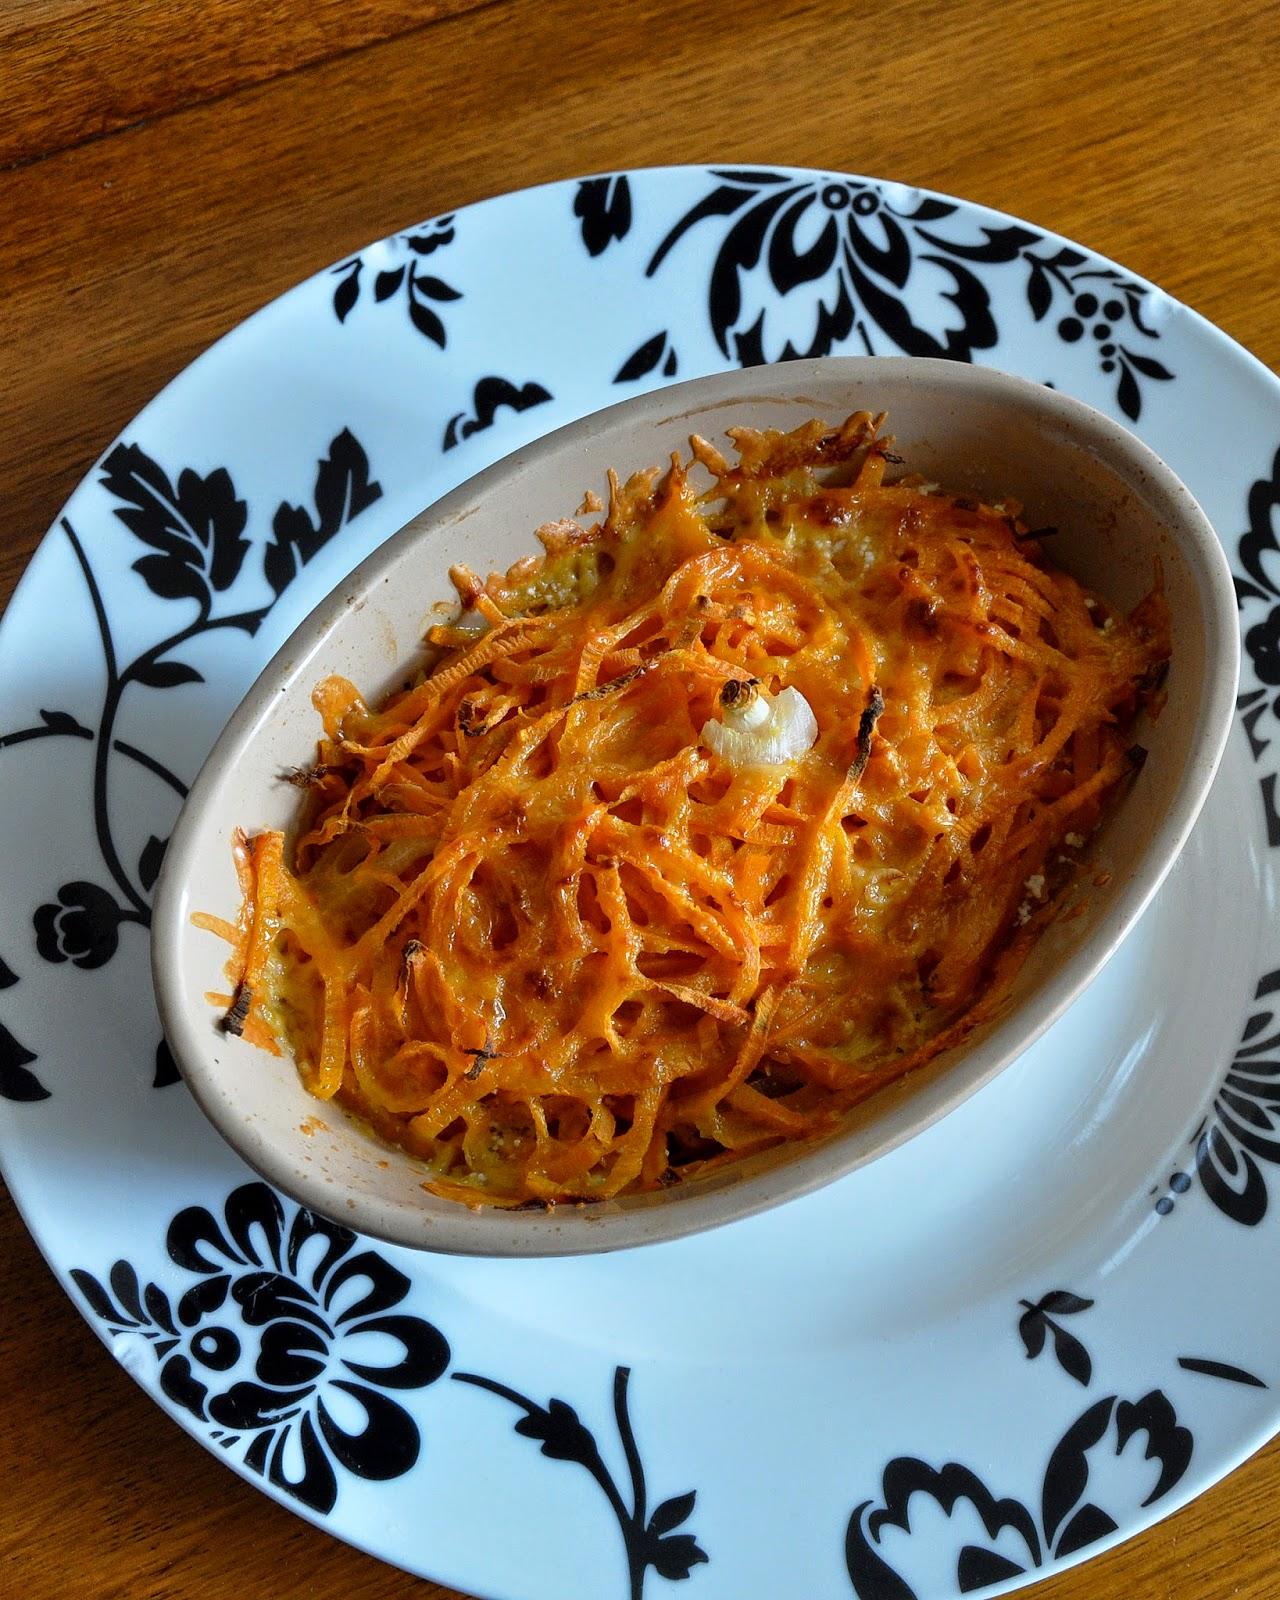 Sweet potato noodle and feta cheese bake